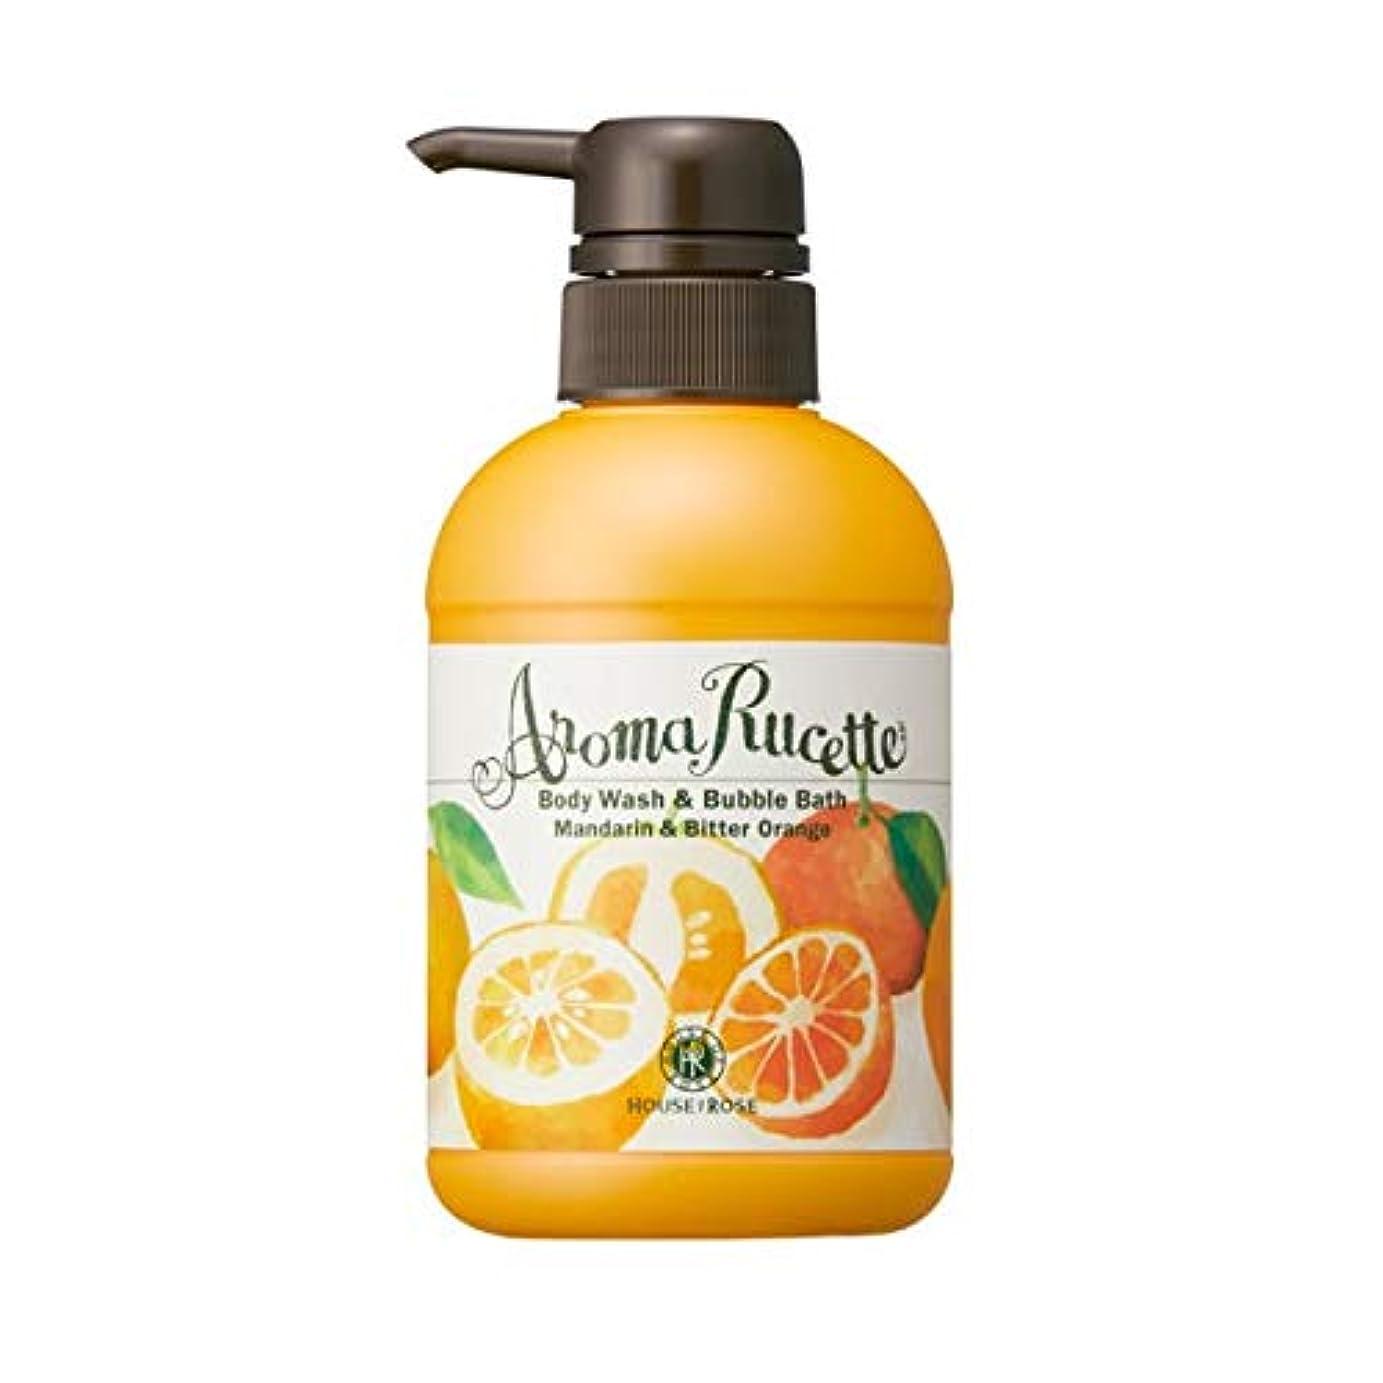 火山学不十分マナーHOUSE OF ROSE(ハウスオブローゼ) ハウスオブローゼ/アロマルセット ボディウォッシュ&バブルバス MD&BO(マンダリン&ビターオレンジの香り)350mL